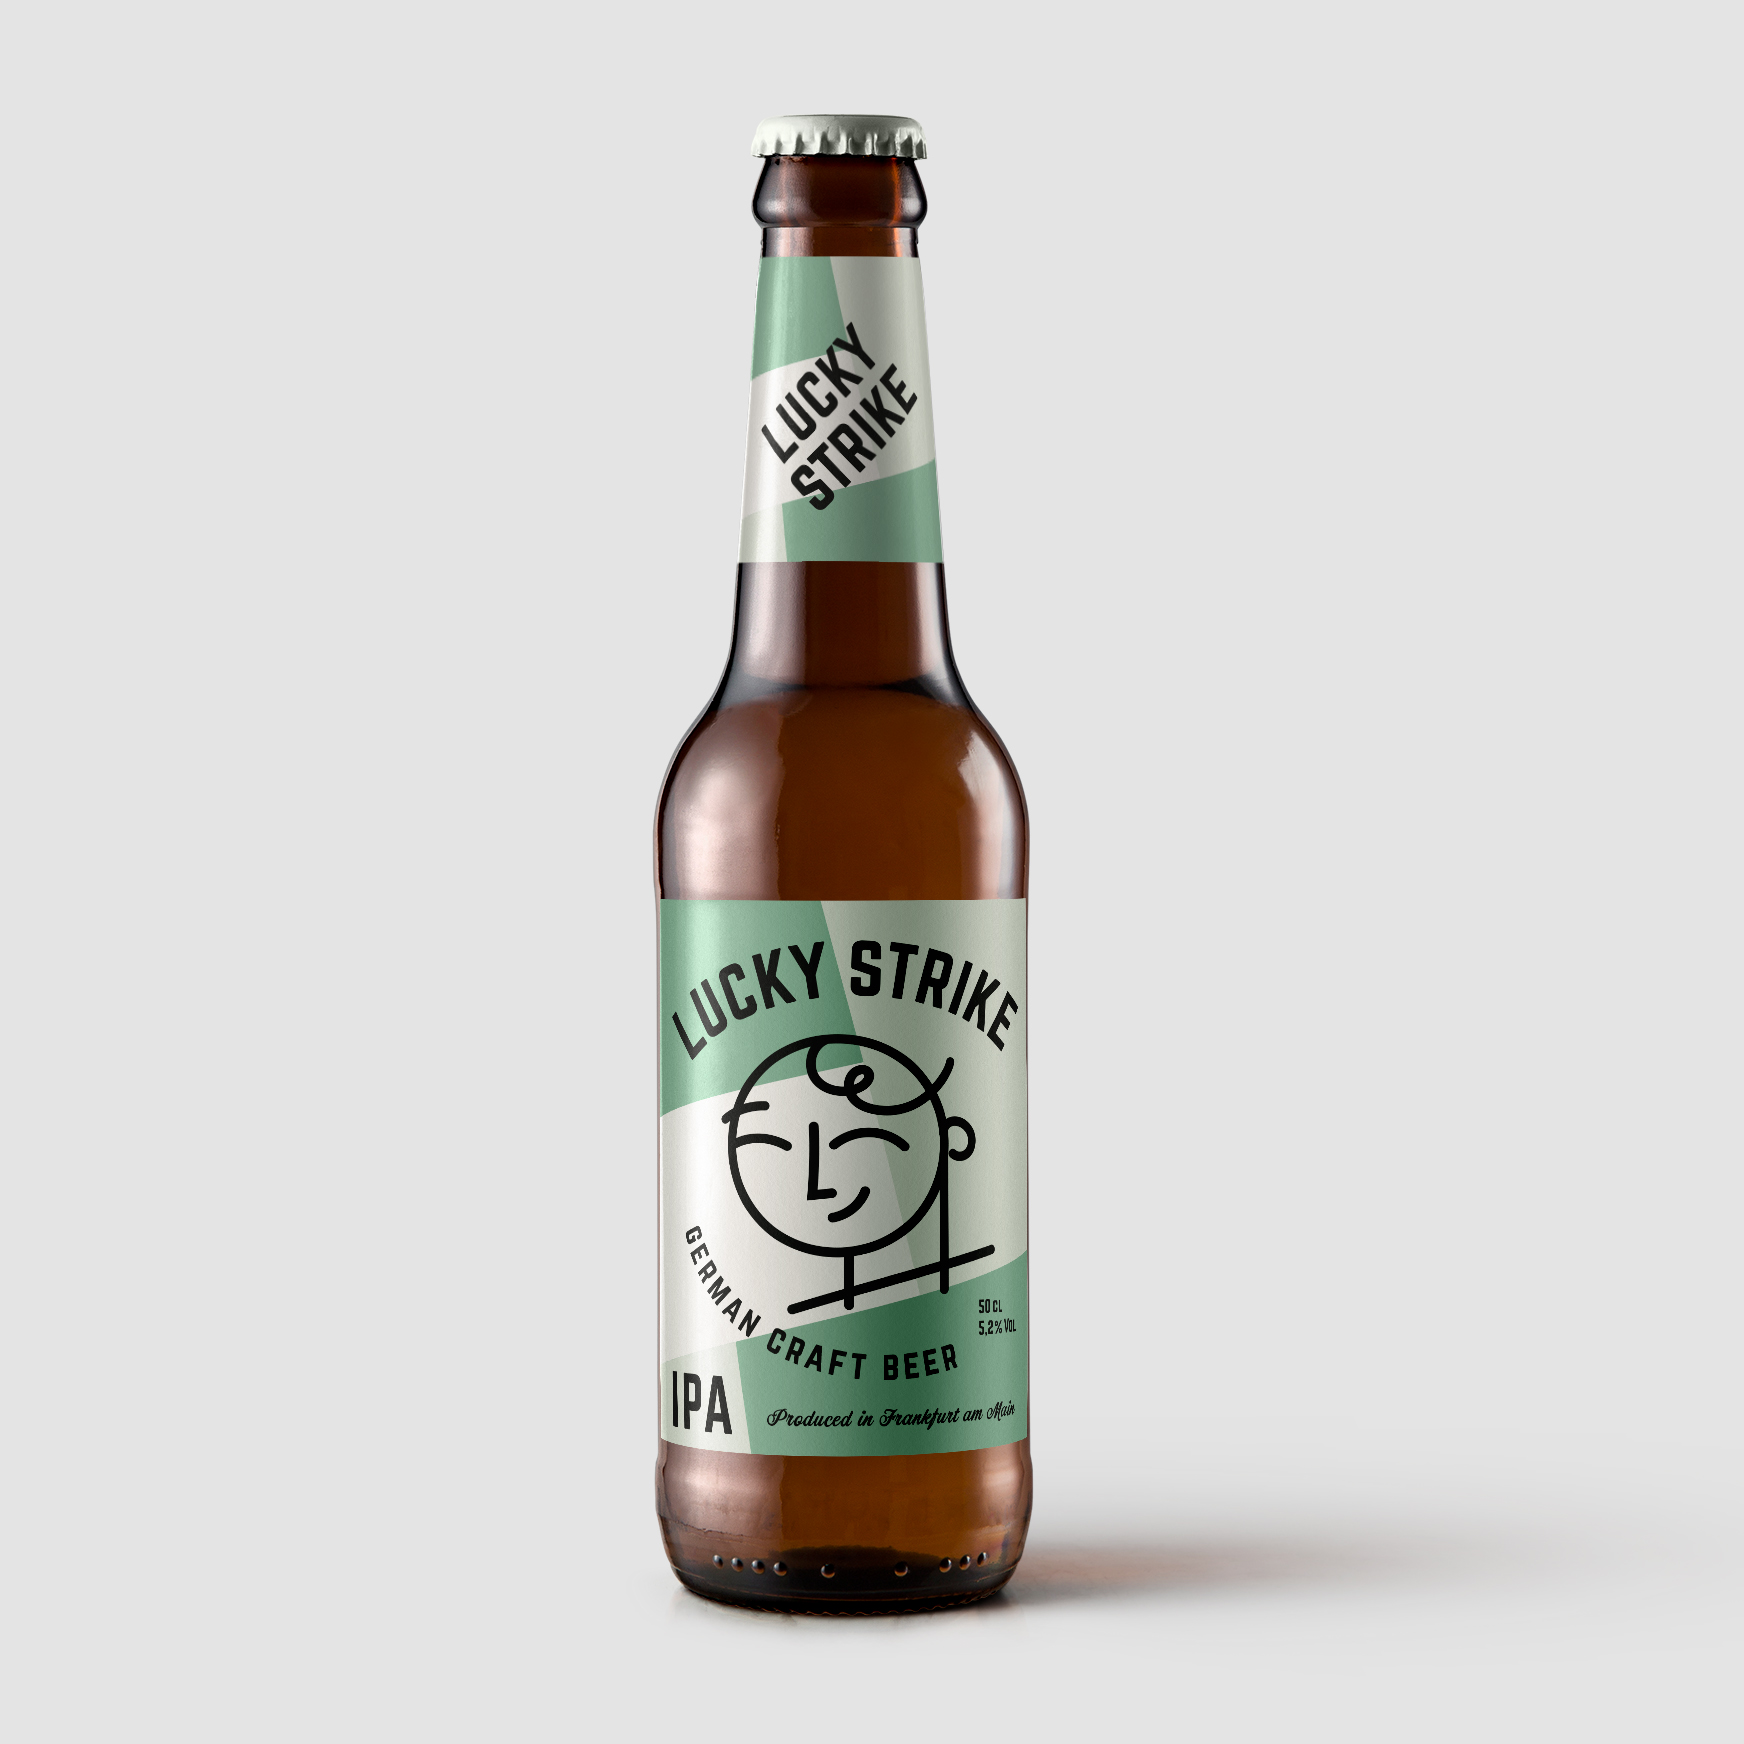 Craft Beer Flasche